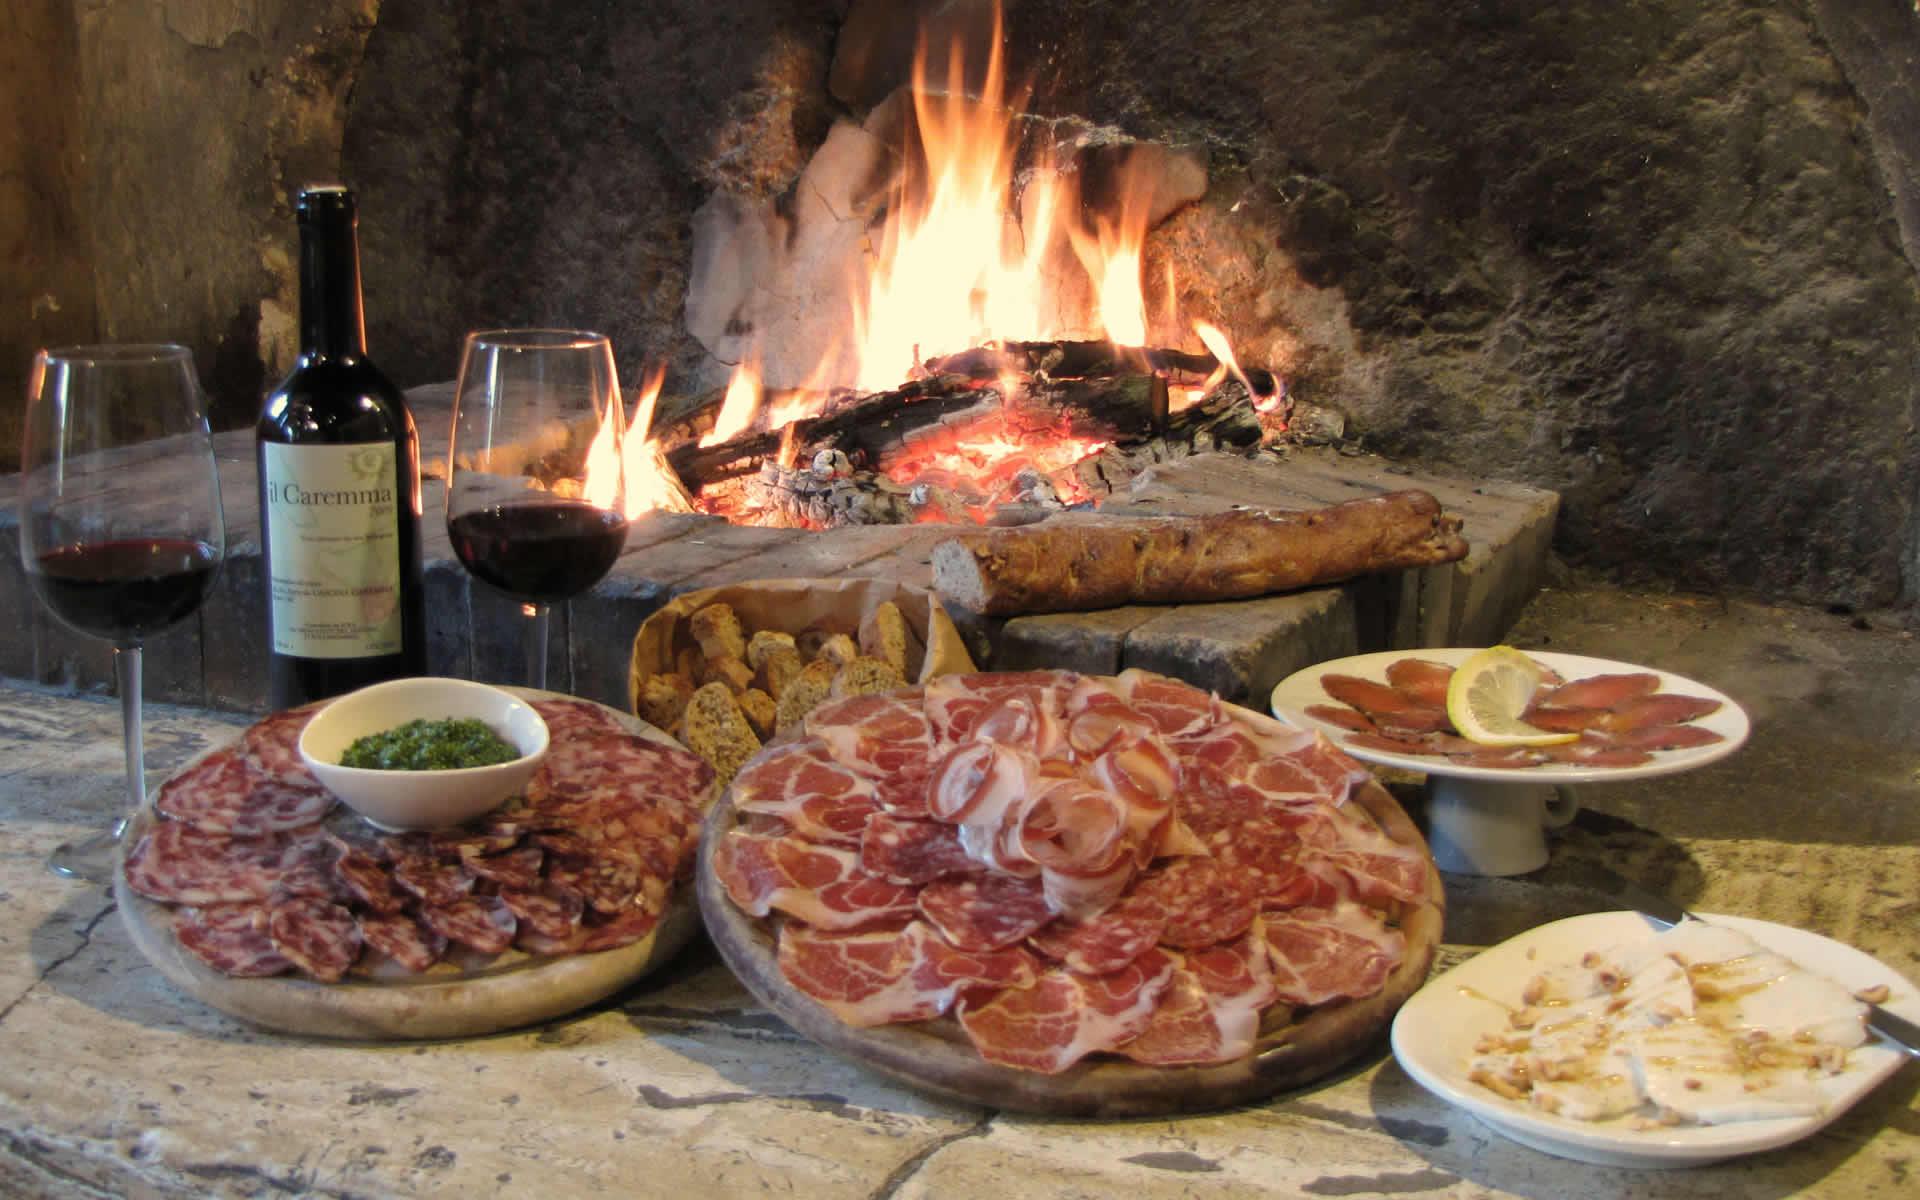 Foto Di Un Camino Acceso quando la famiglia accendeva il fuoco « pane & focolare